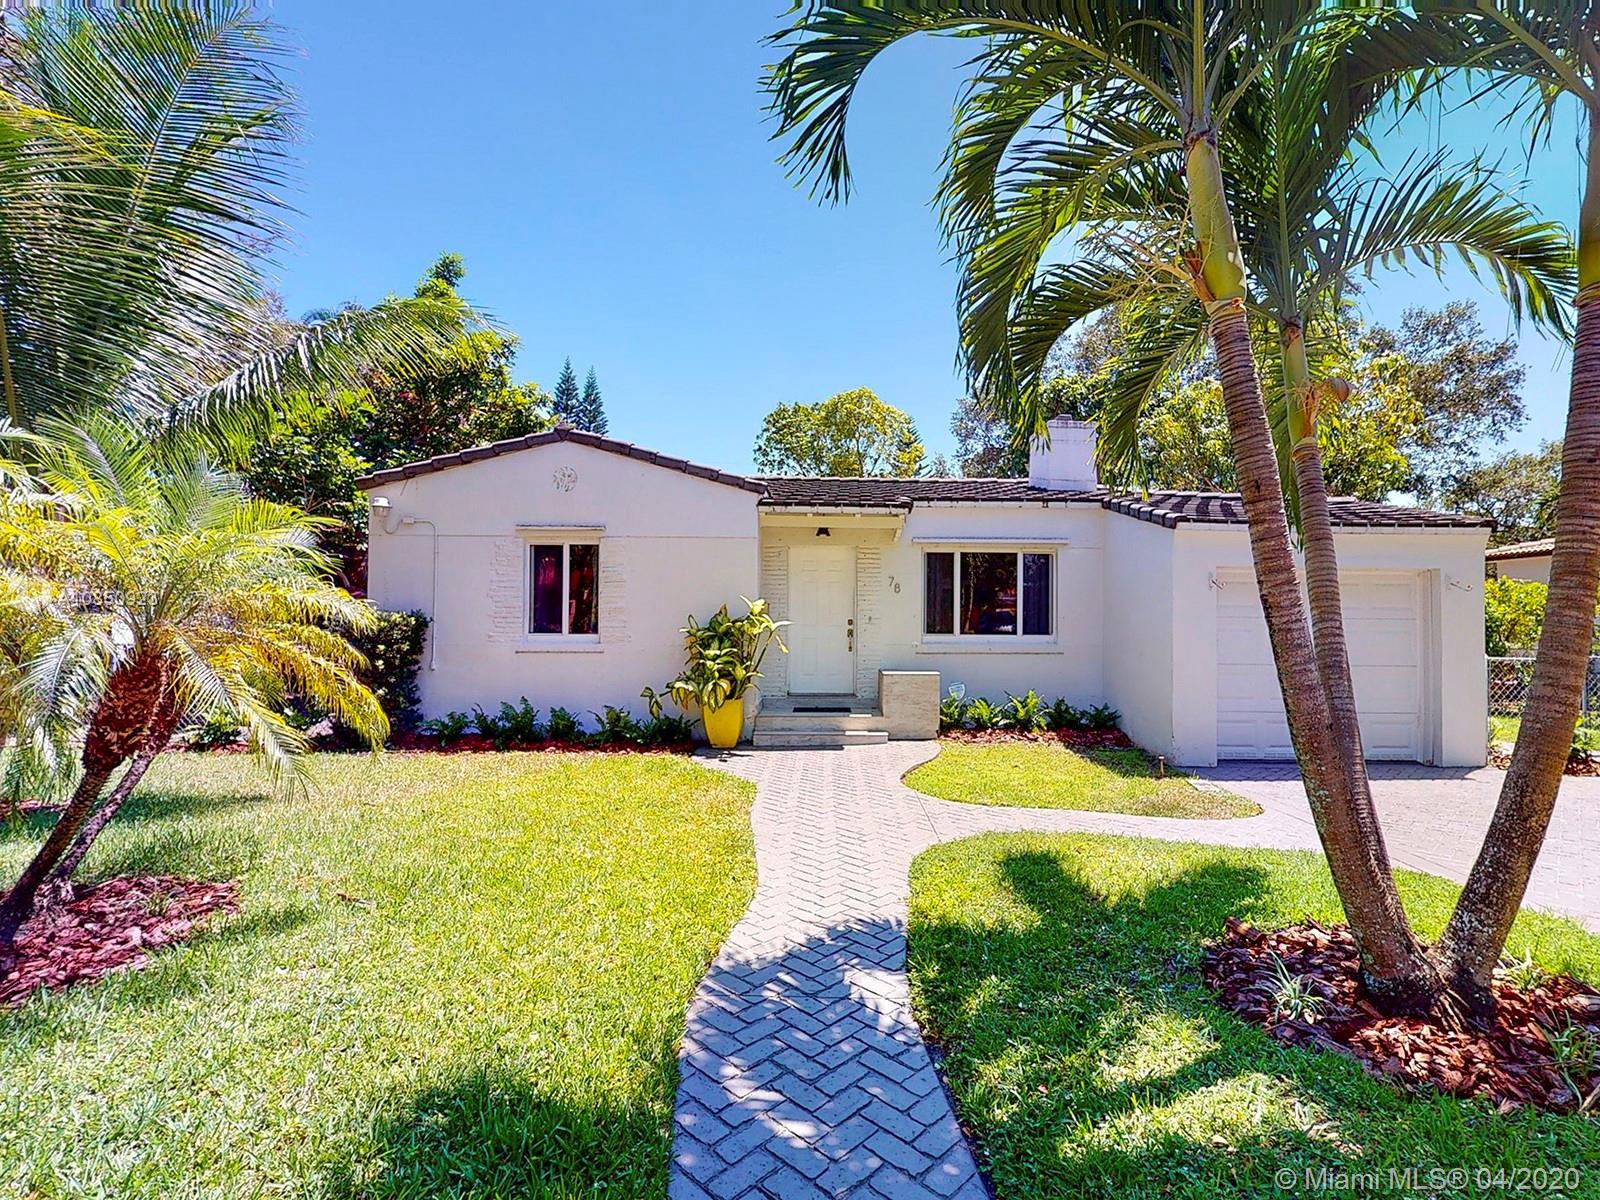 78 NW 106th St, Miami Shores, FL 33150